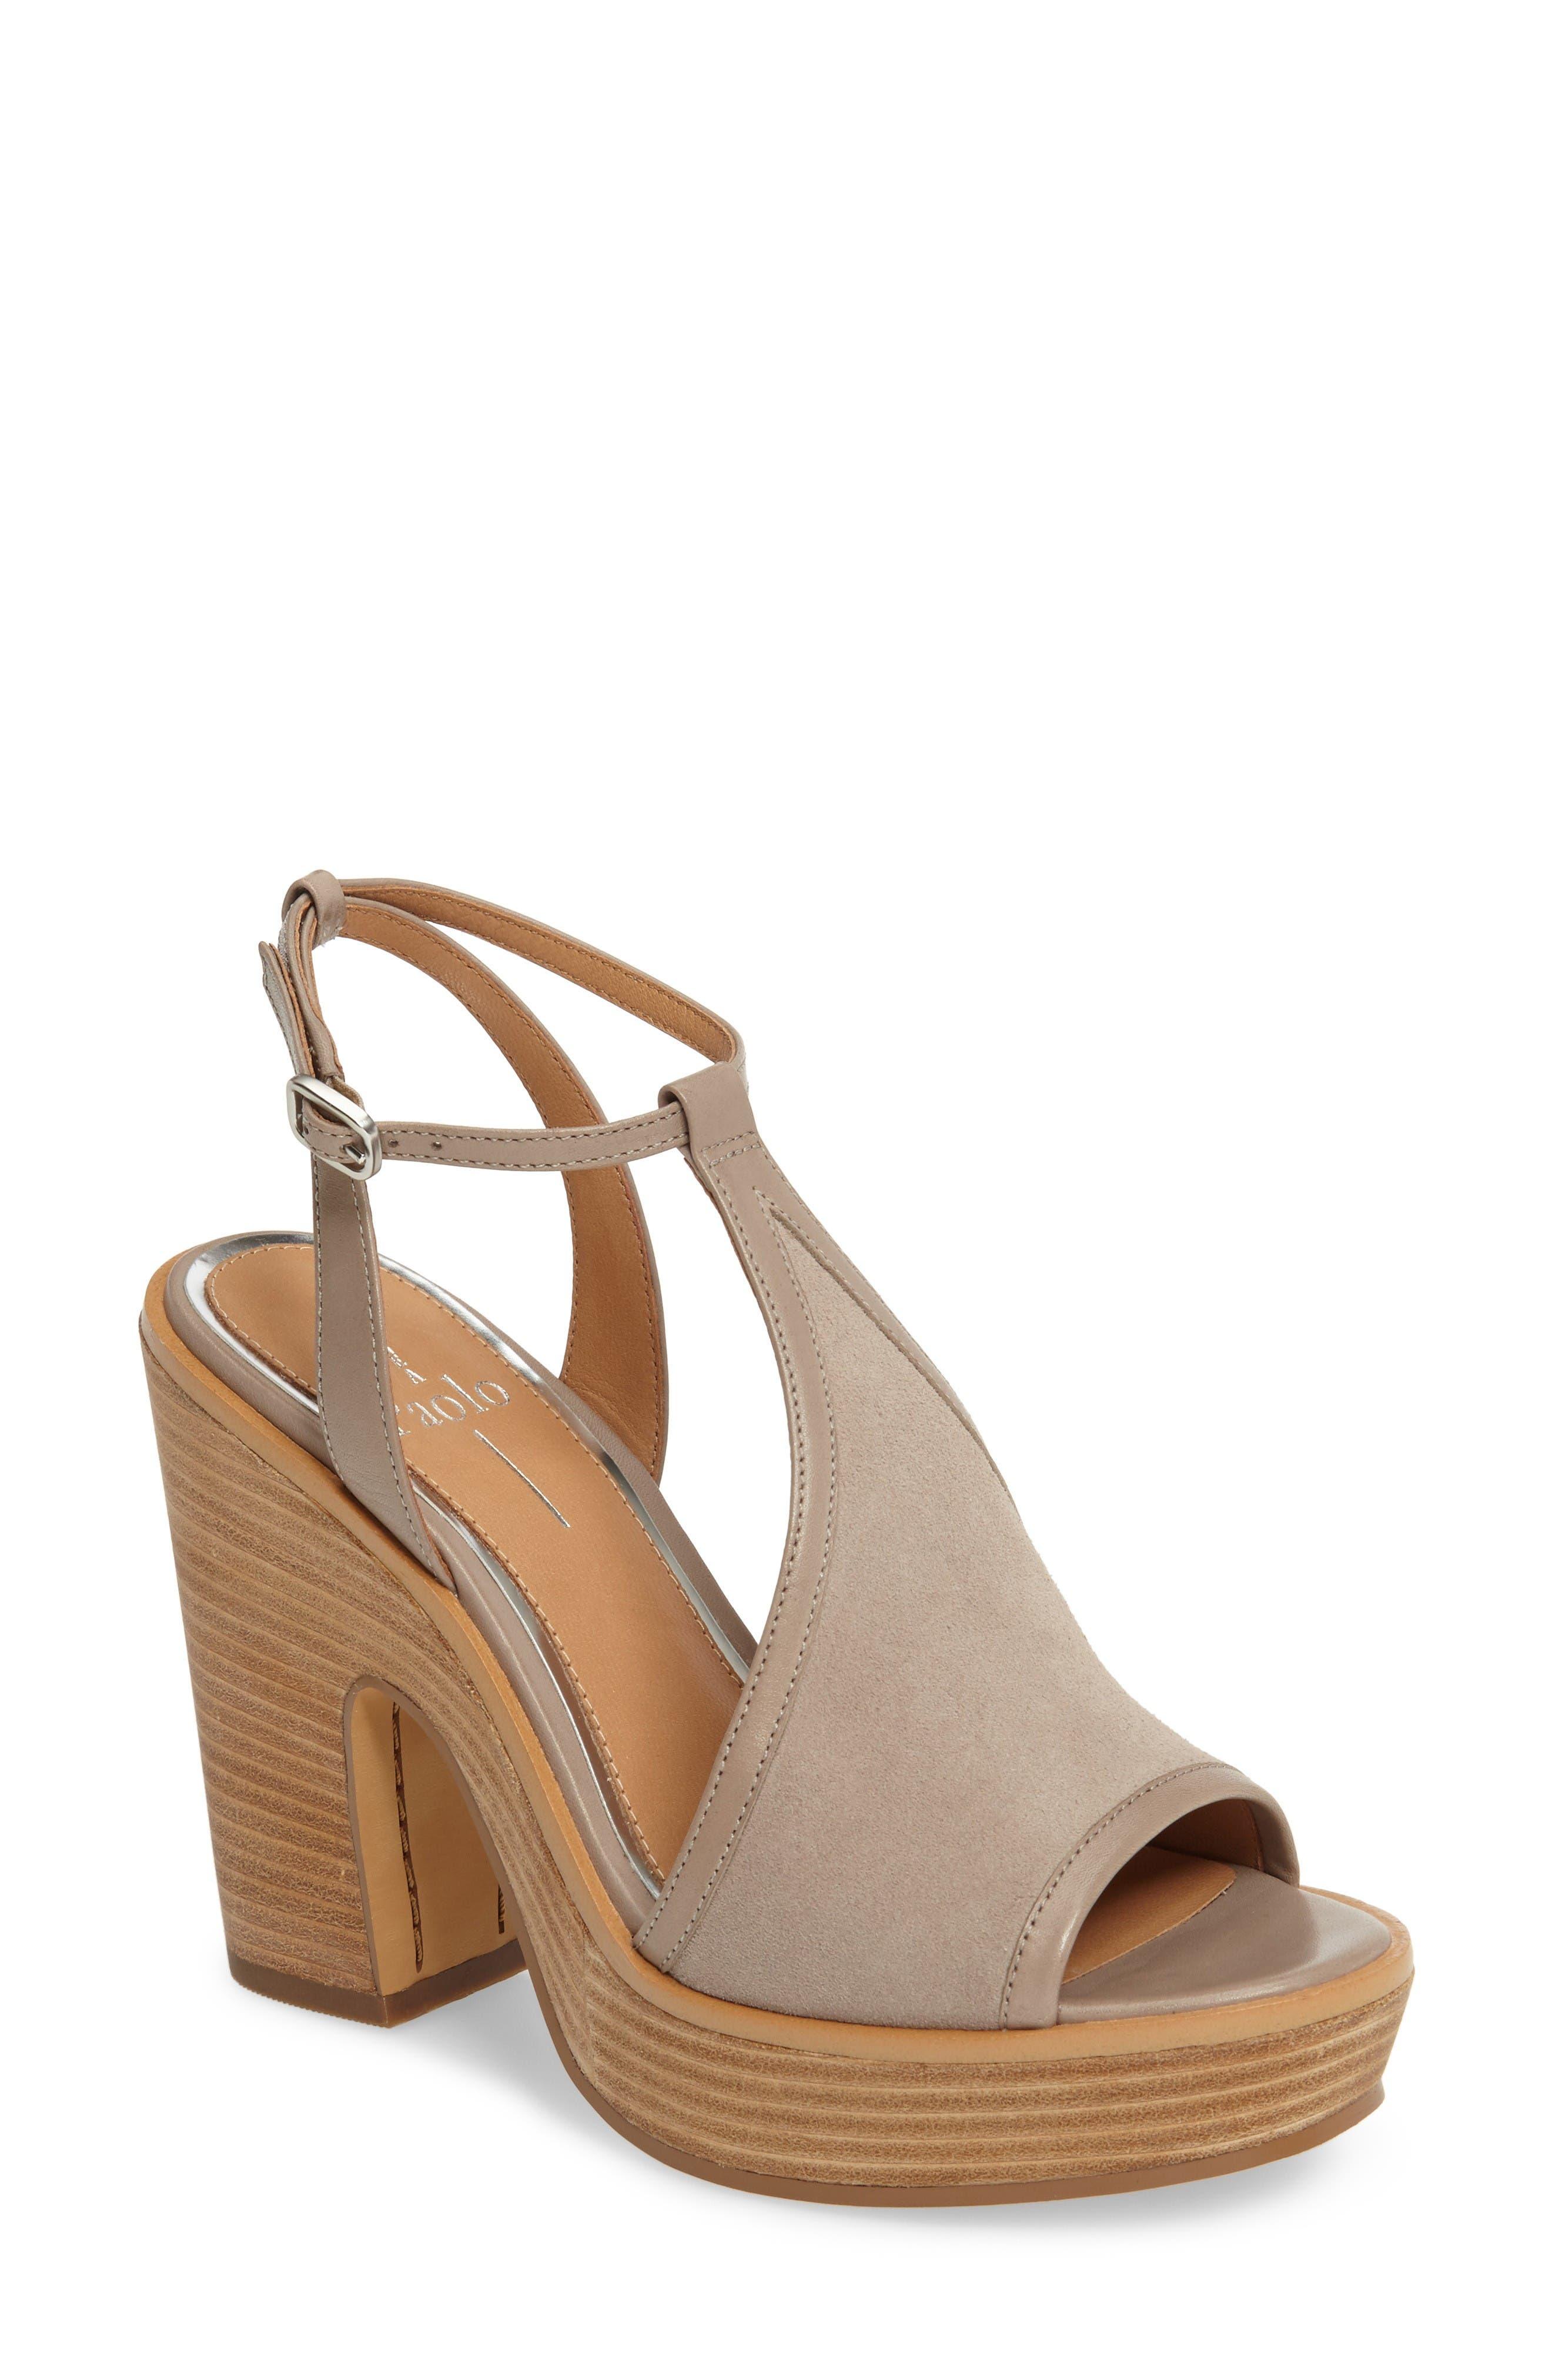 India T-Strap Platform Sandal,                             Main thumbnail 1, color,                             Rock Suede